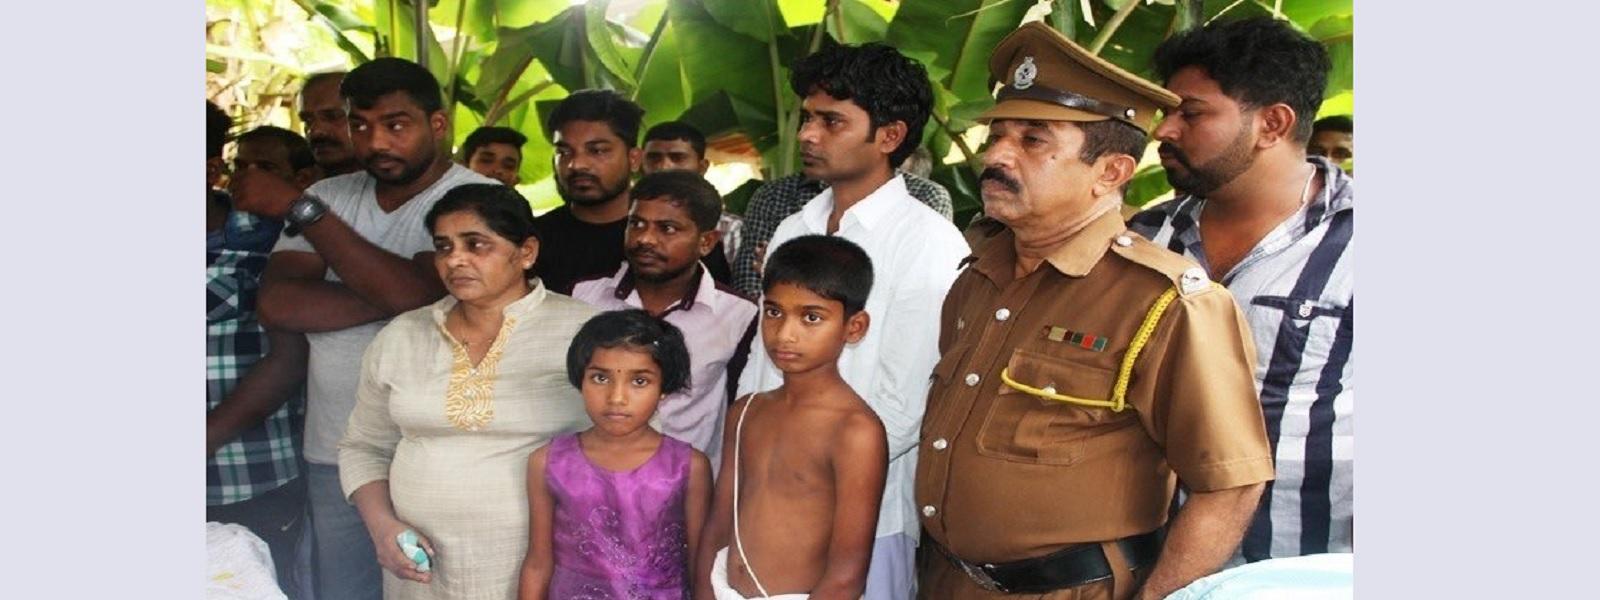 அரசியல் கைதிகளும் ஜனாதிபதியிடம் விடப்படும் கருணை கோரிக்கையும்